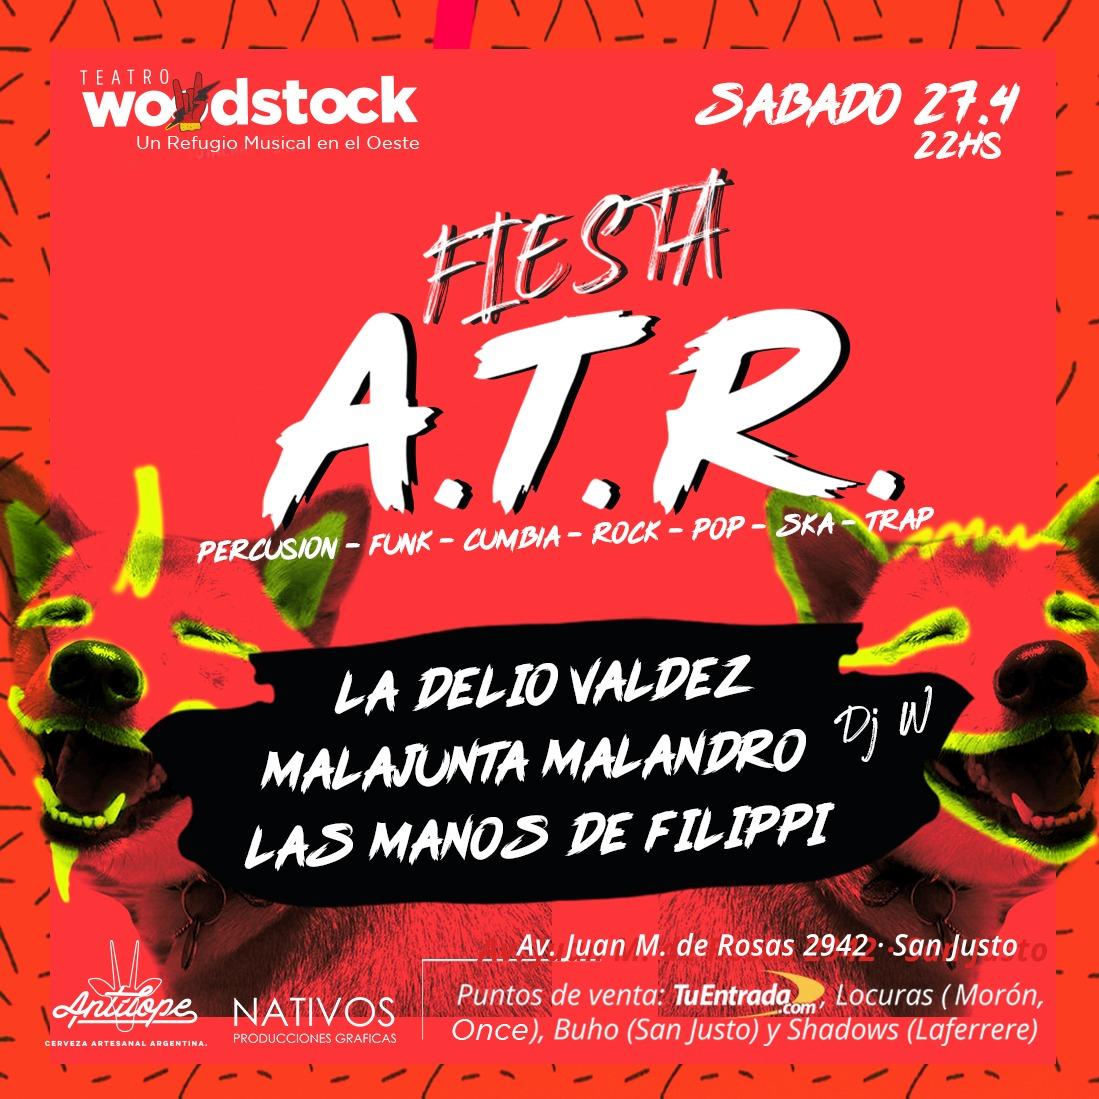 Fiesta ATR Woodstockl